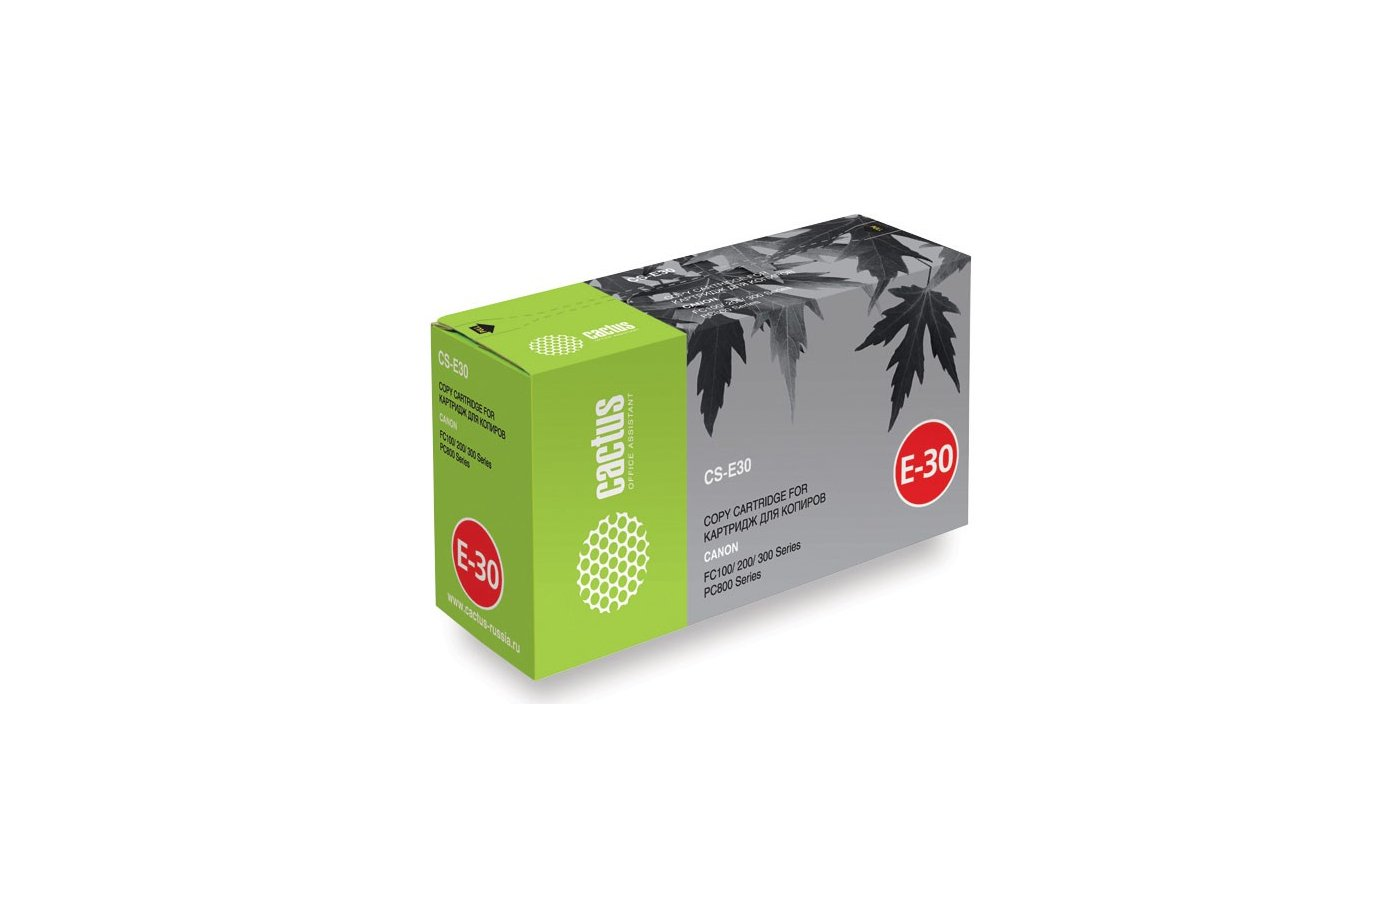 Картридж лазерный Cactus CS-E30S для Canon FC100 200 300 Series PC800 Series (4000стр.)